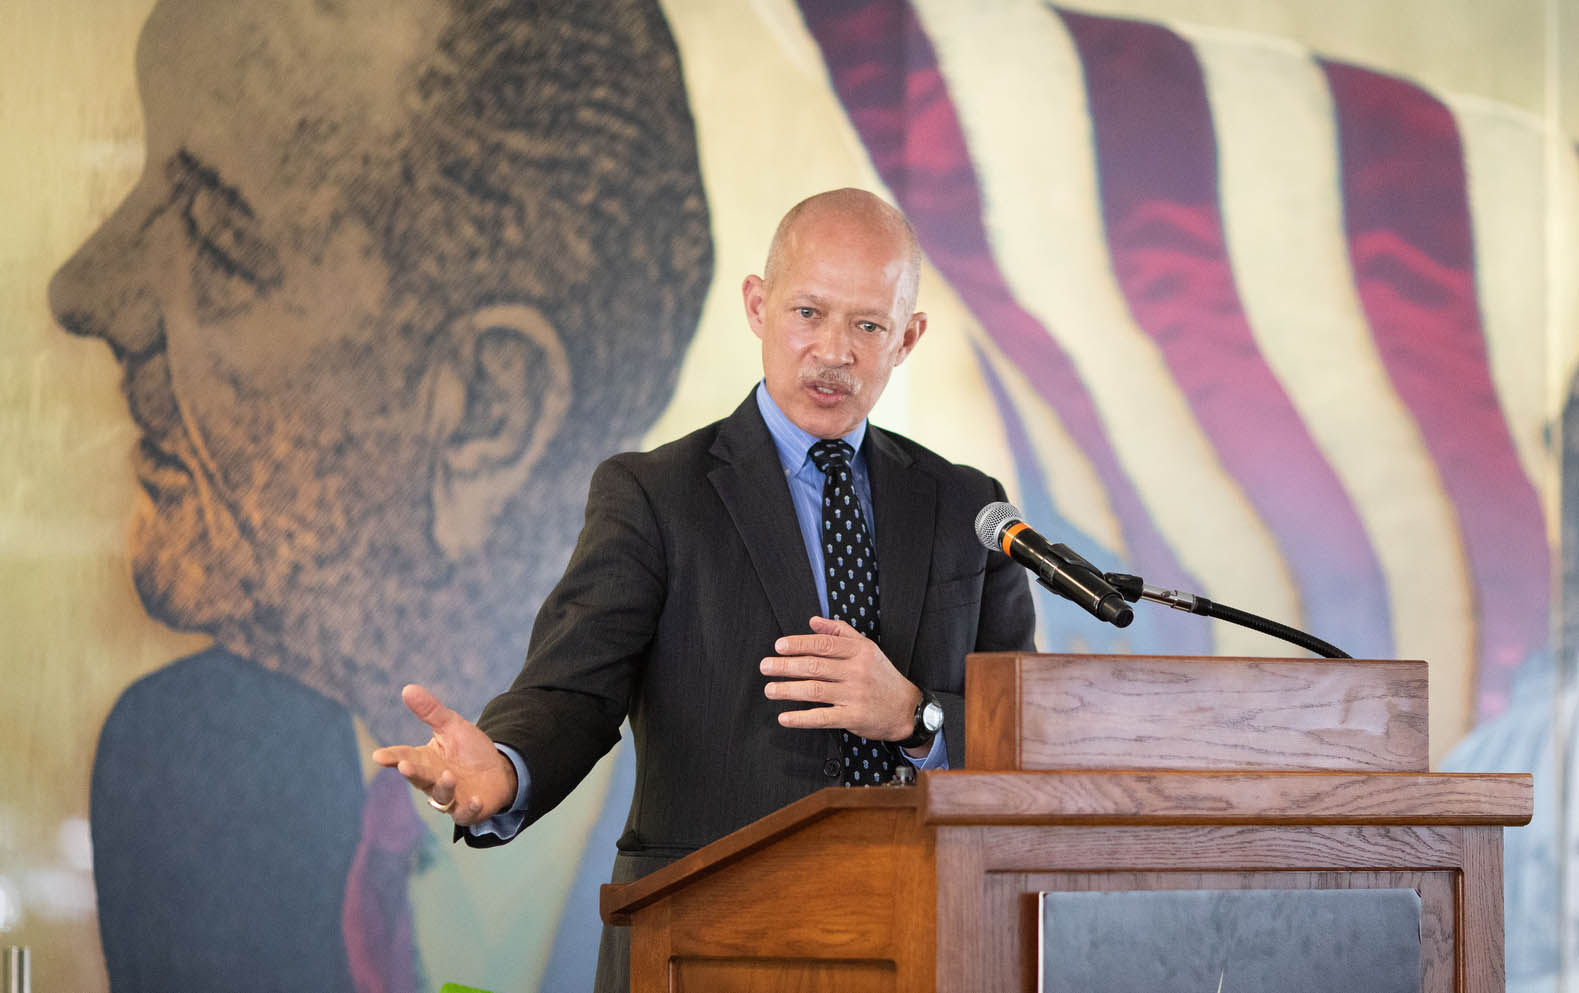 Dallas County DA John Creuzot speaks at the 2019 BJNF